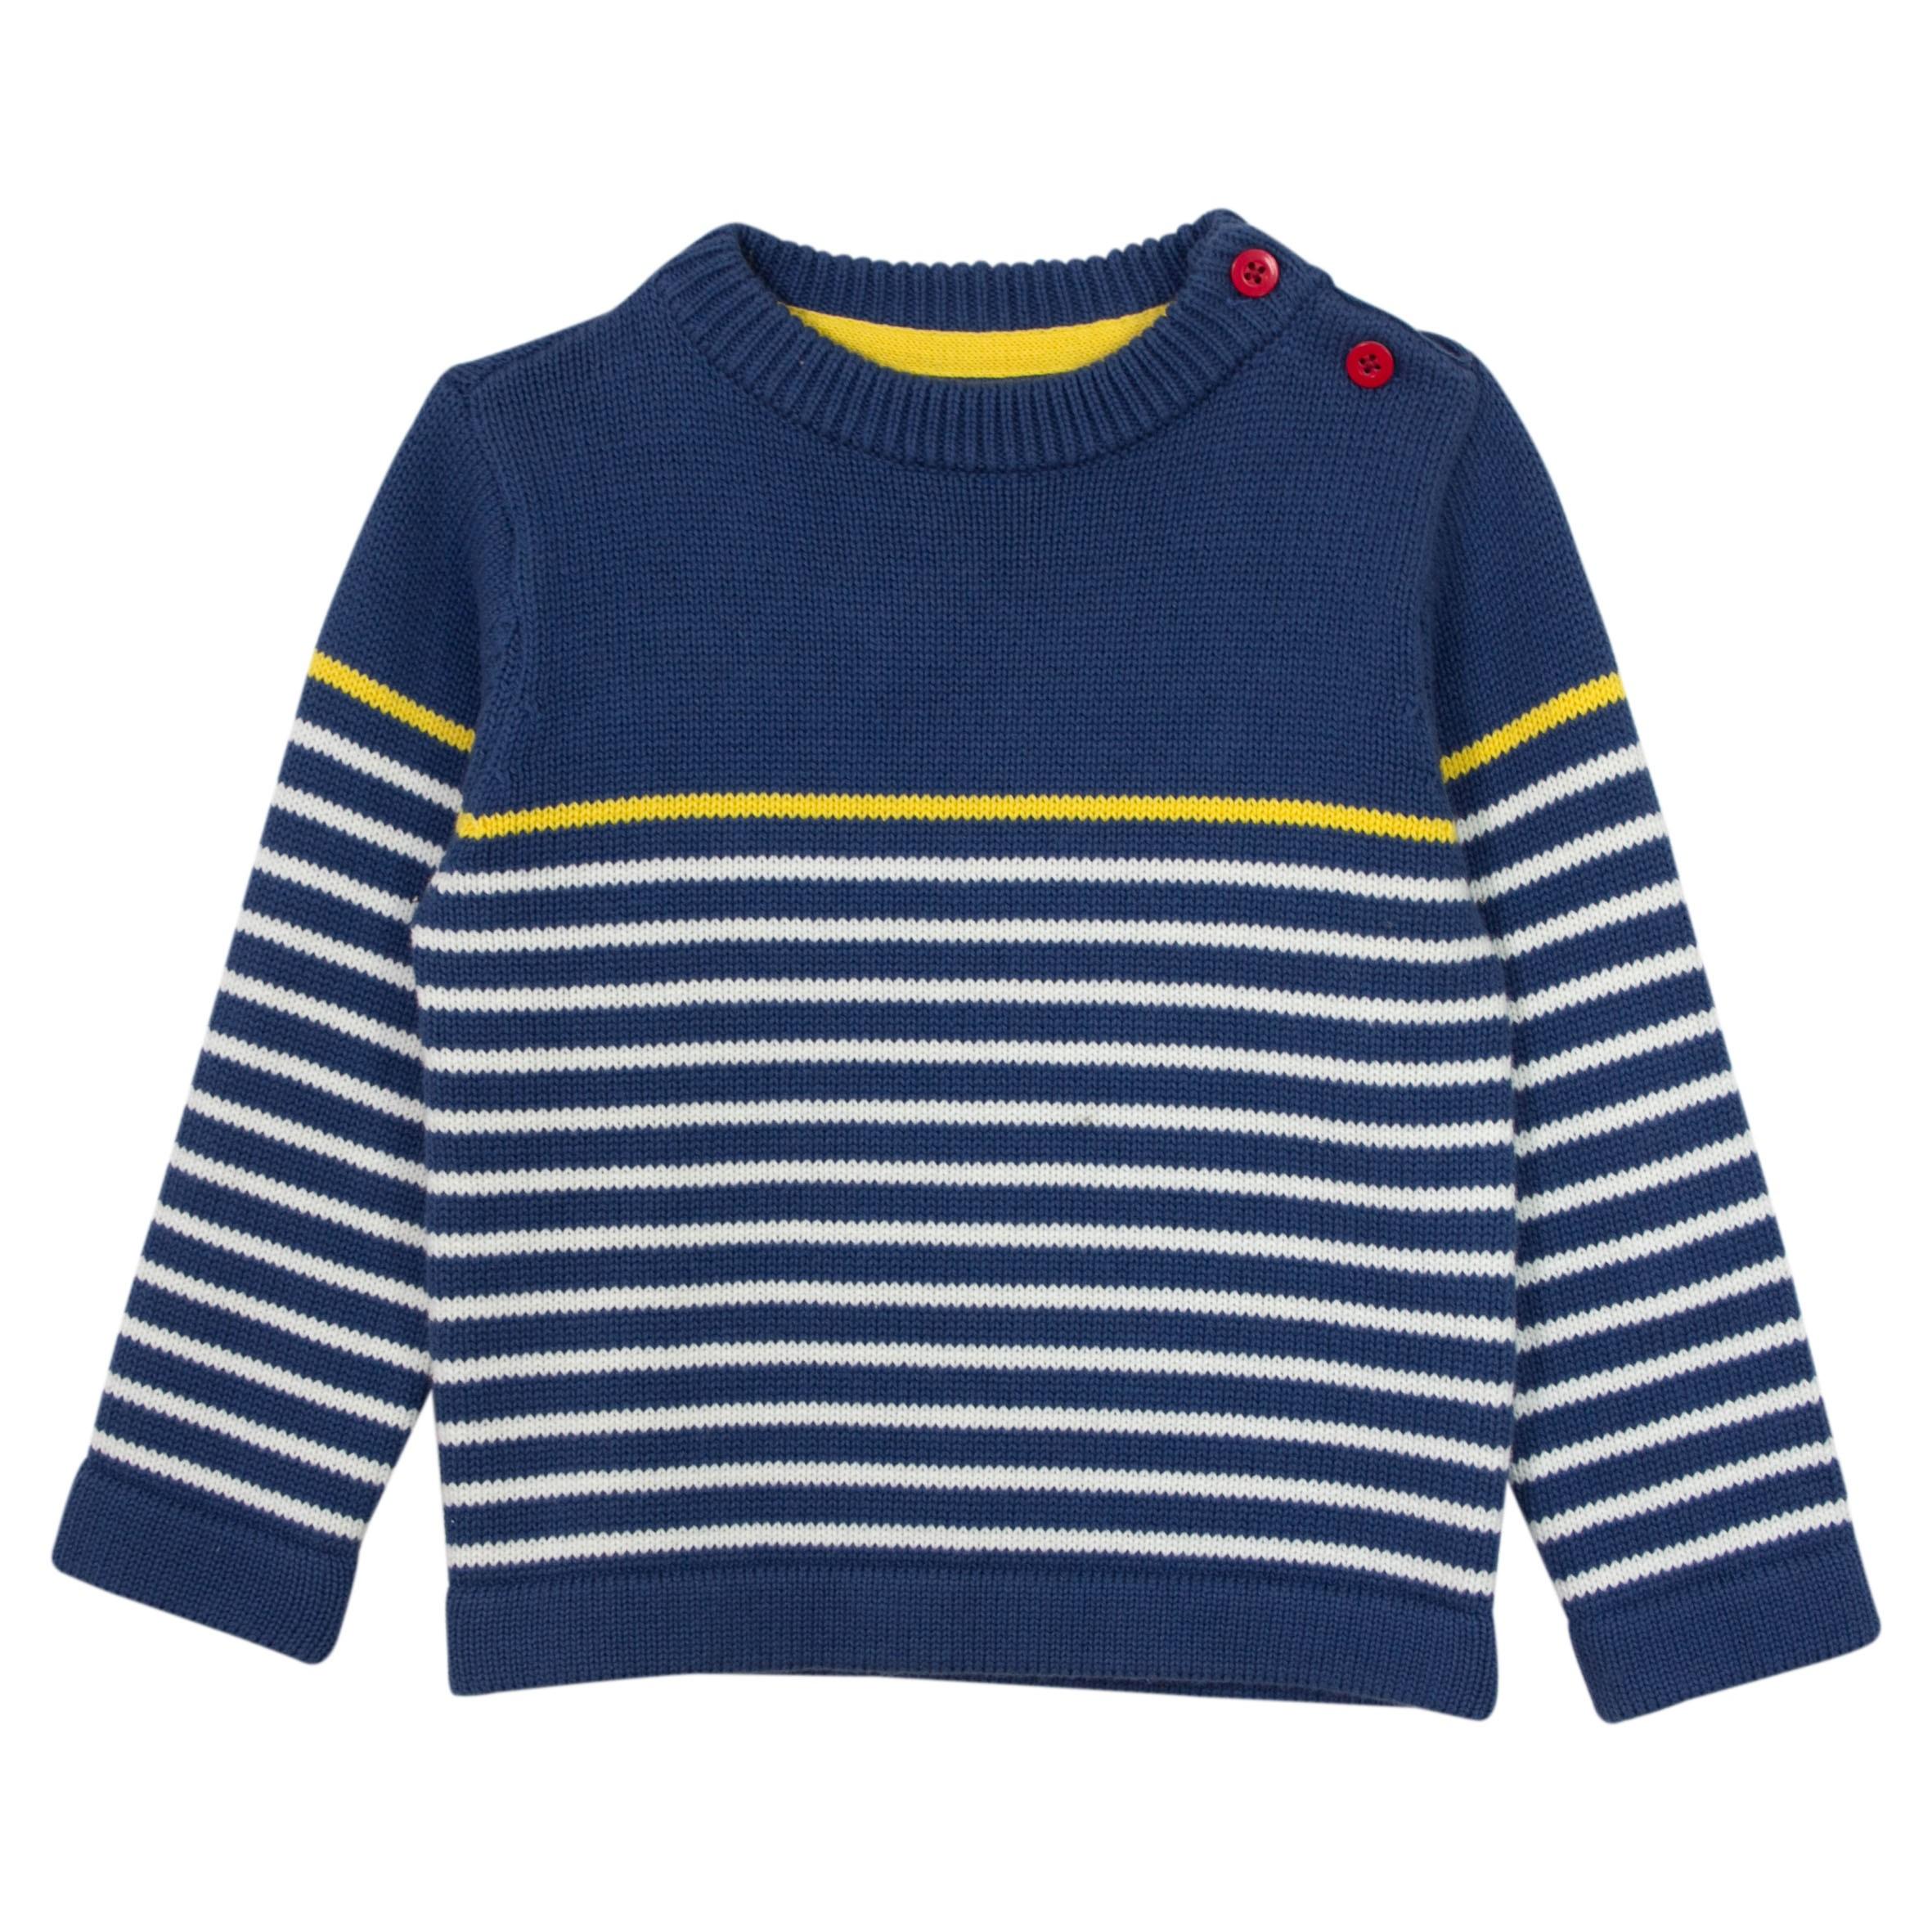 Boy stripes sweater - Chateau de sable